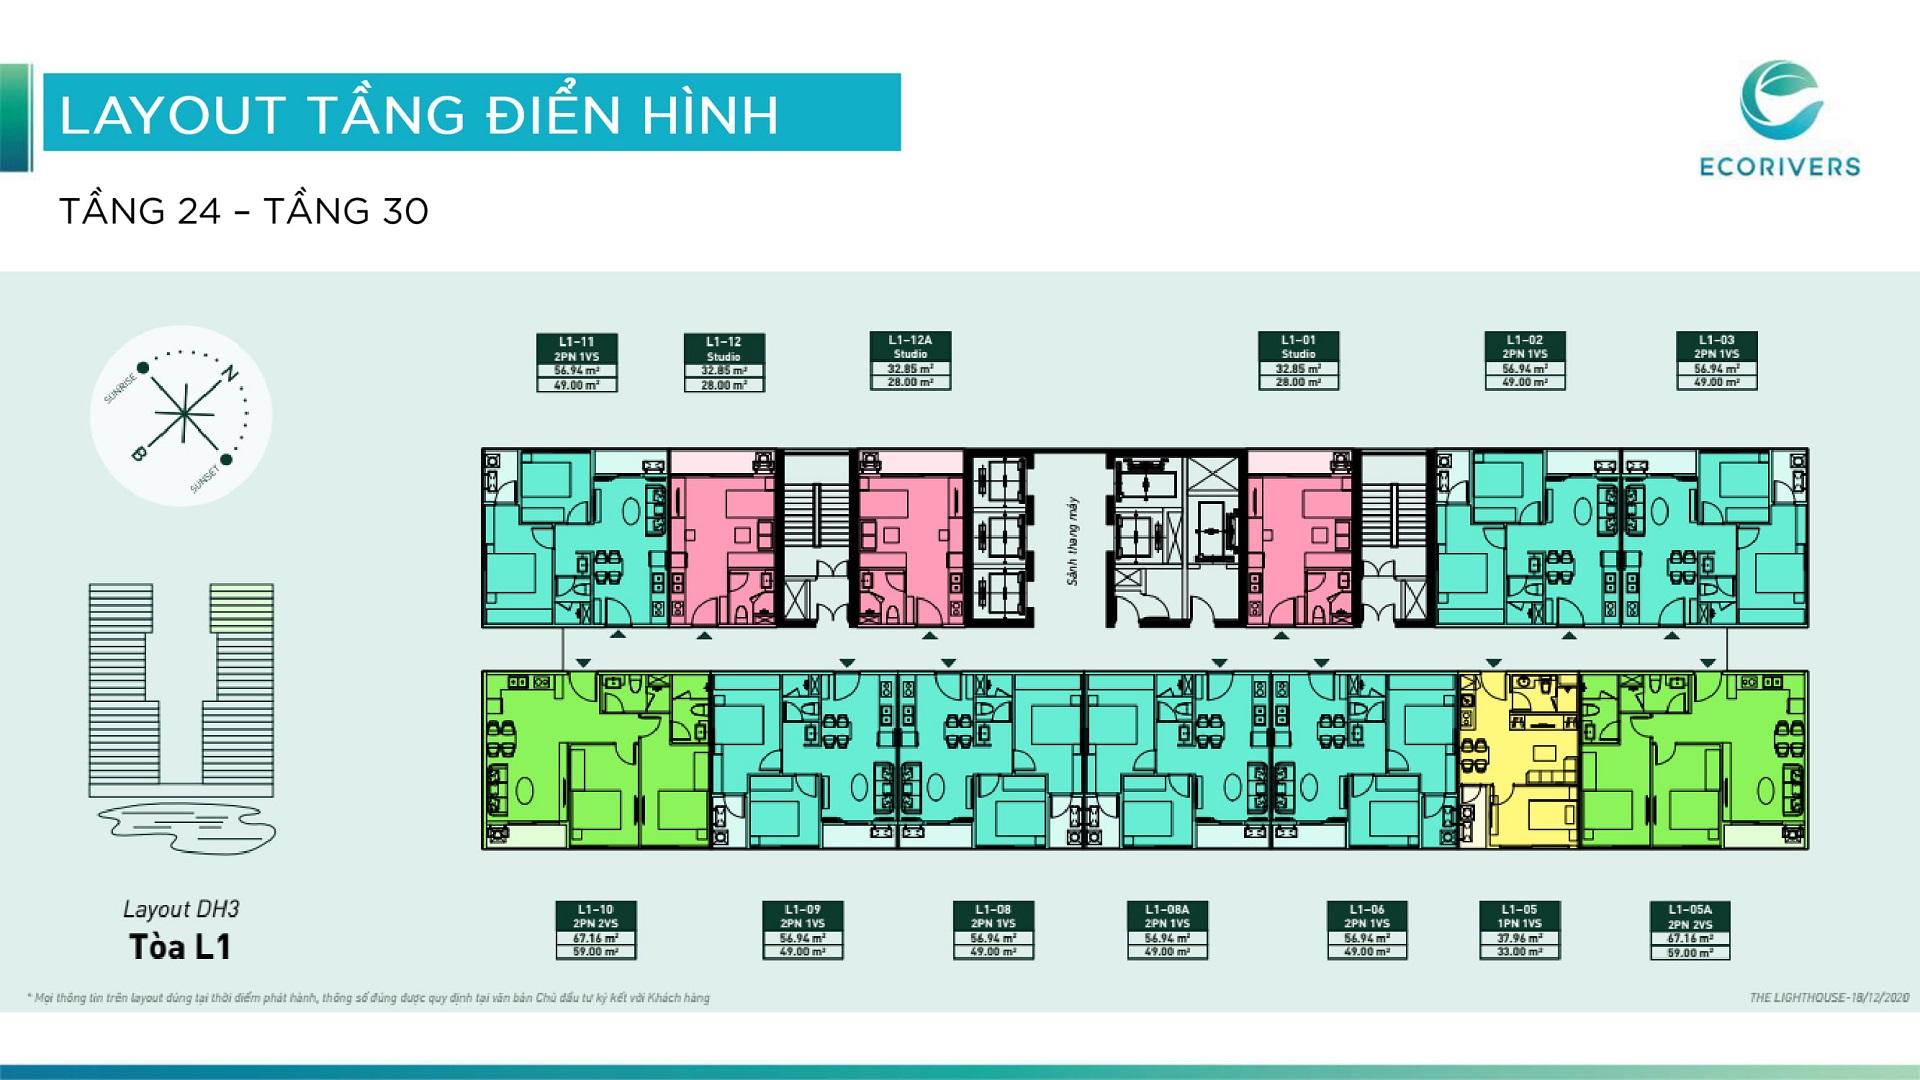 mặt bằng chung cư lighthouse ecorivers tầng 24-30